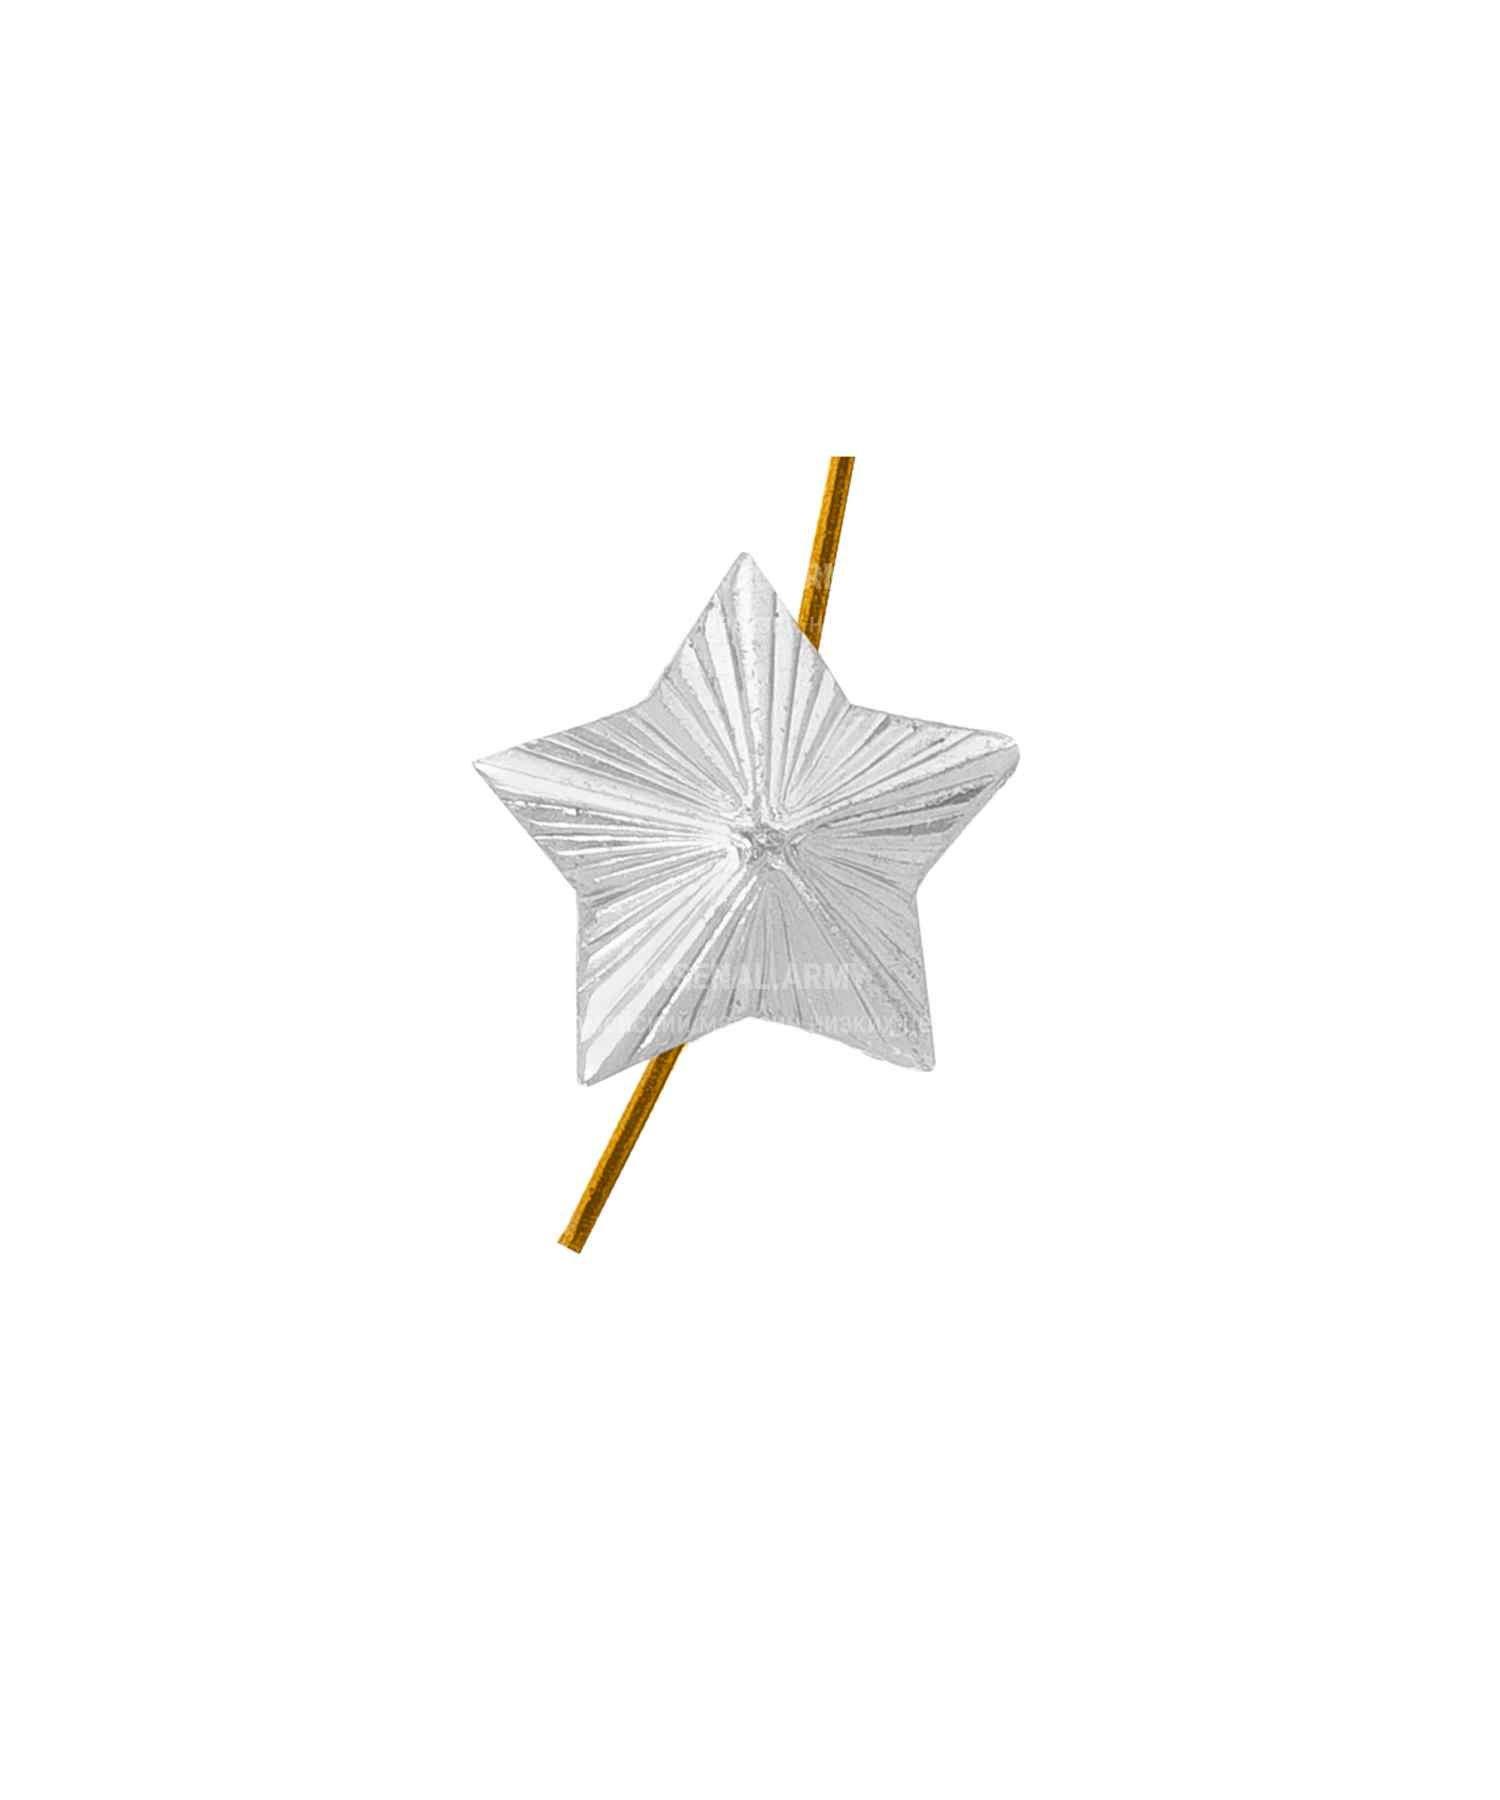 Звезда на погоны казачья серебряная 16 мм